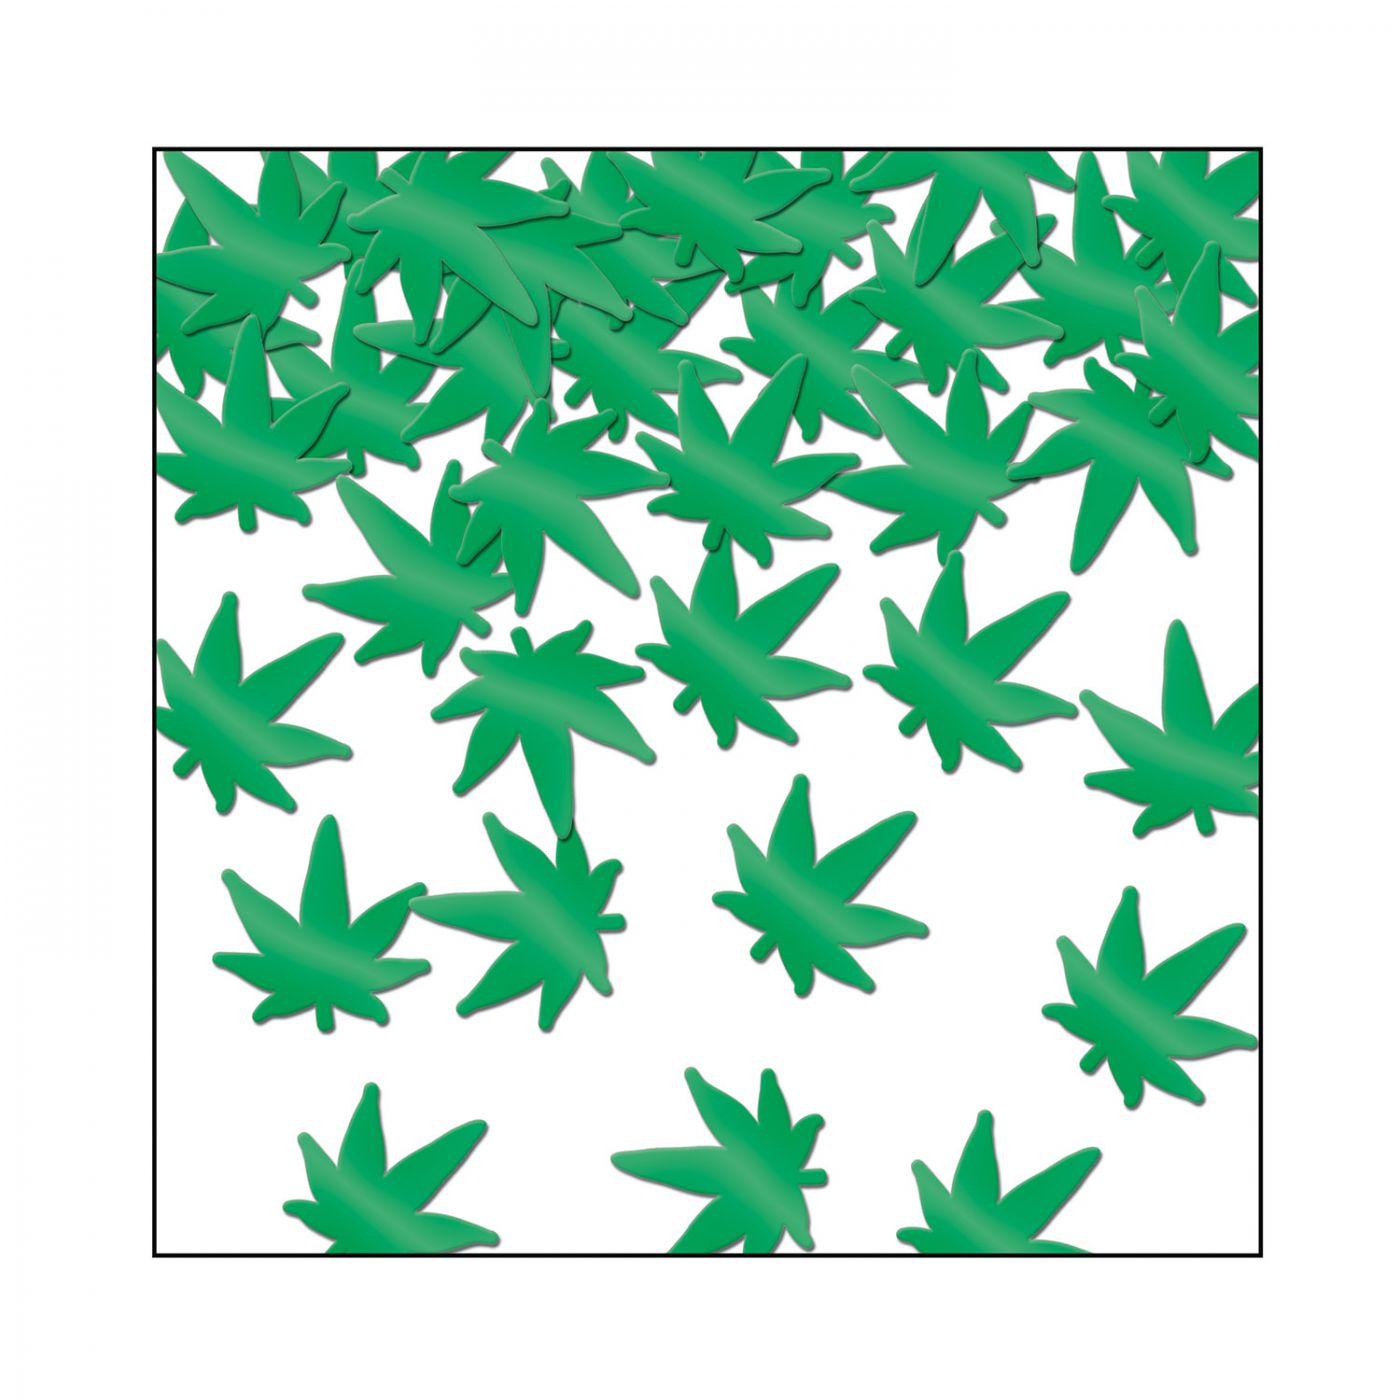 Fanci-Fetti Weed image